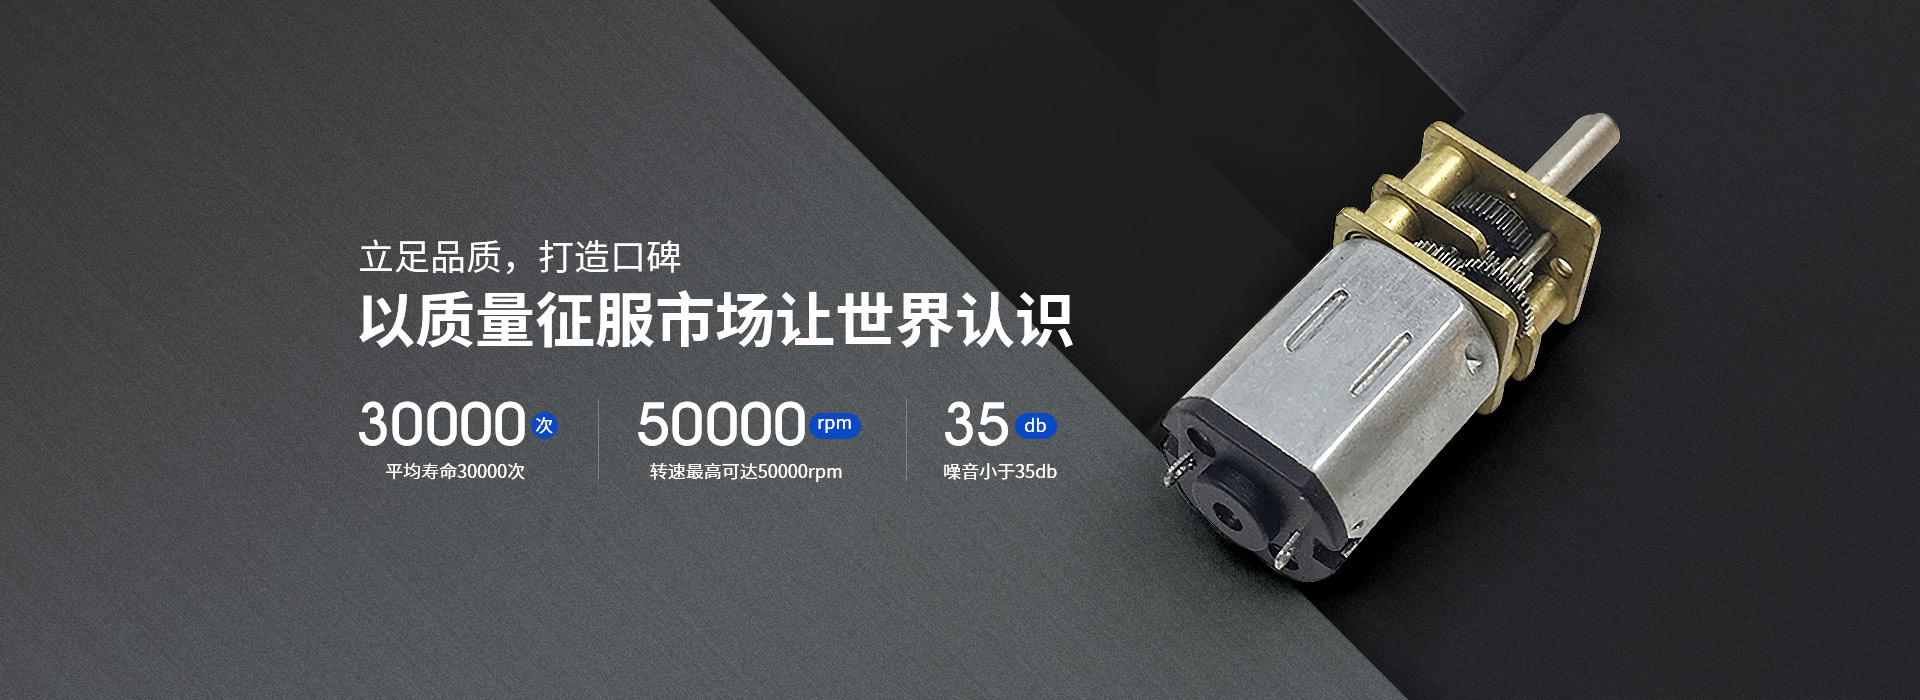 深圳顺昌微型电机-立足品质,打造口碑,以质量征服市场让世界认识 平均寿命20000H 转速最高可达50000rpm噪音 小于35db